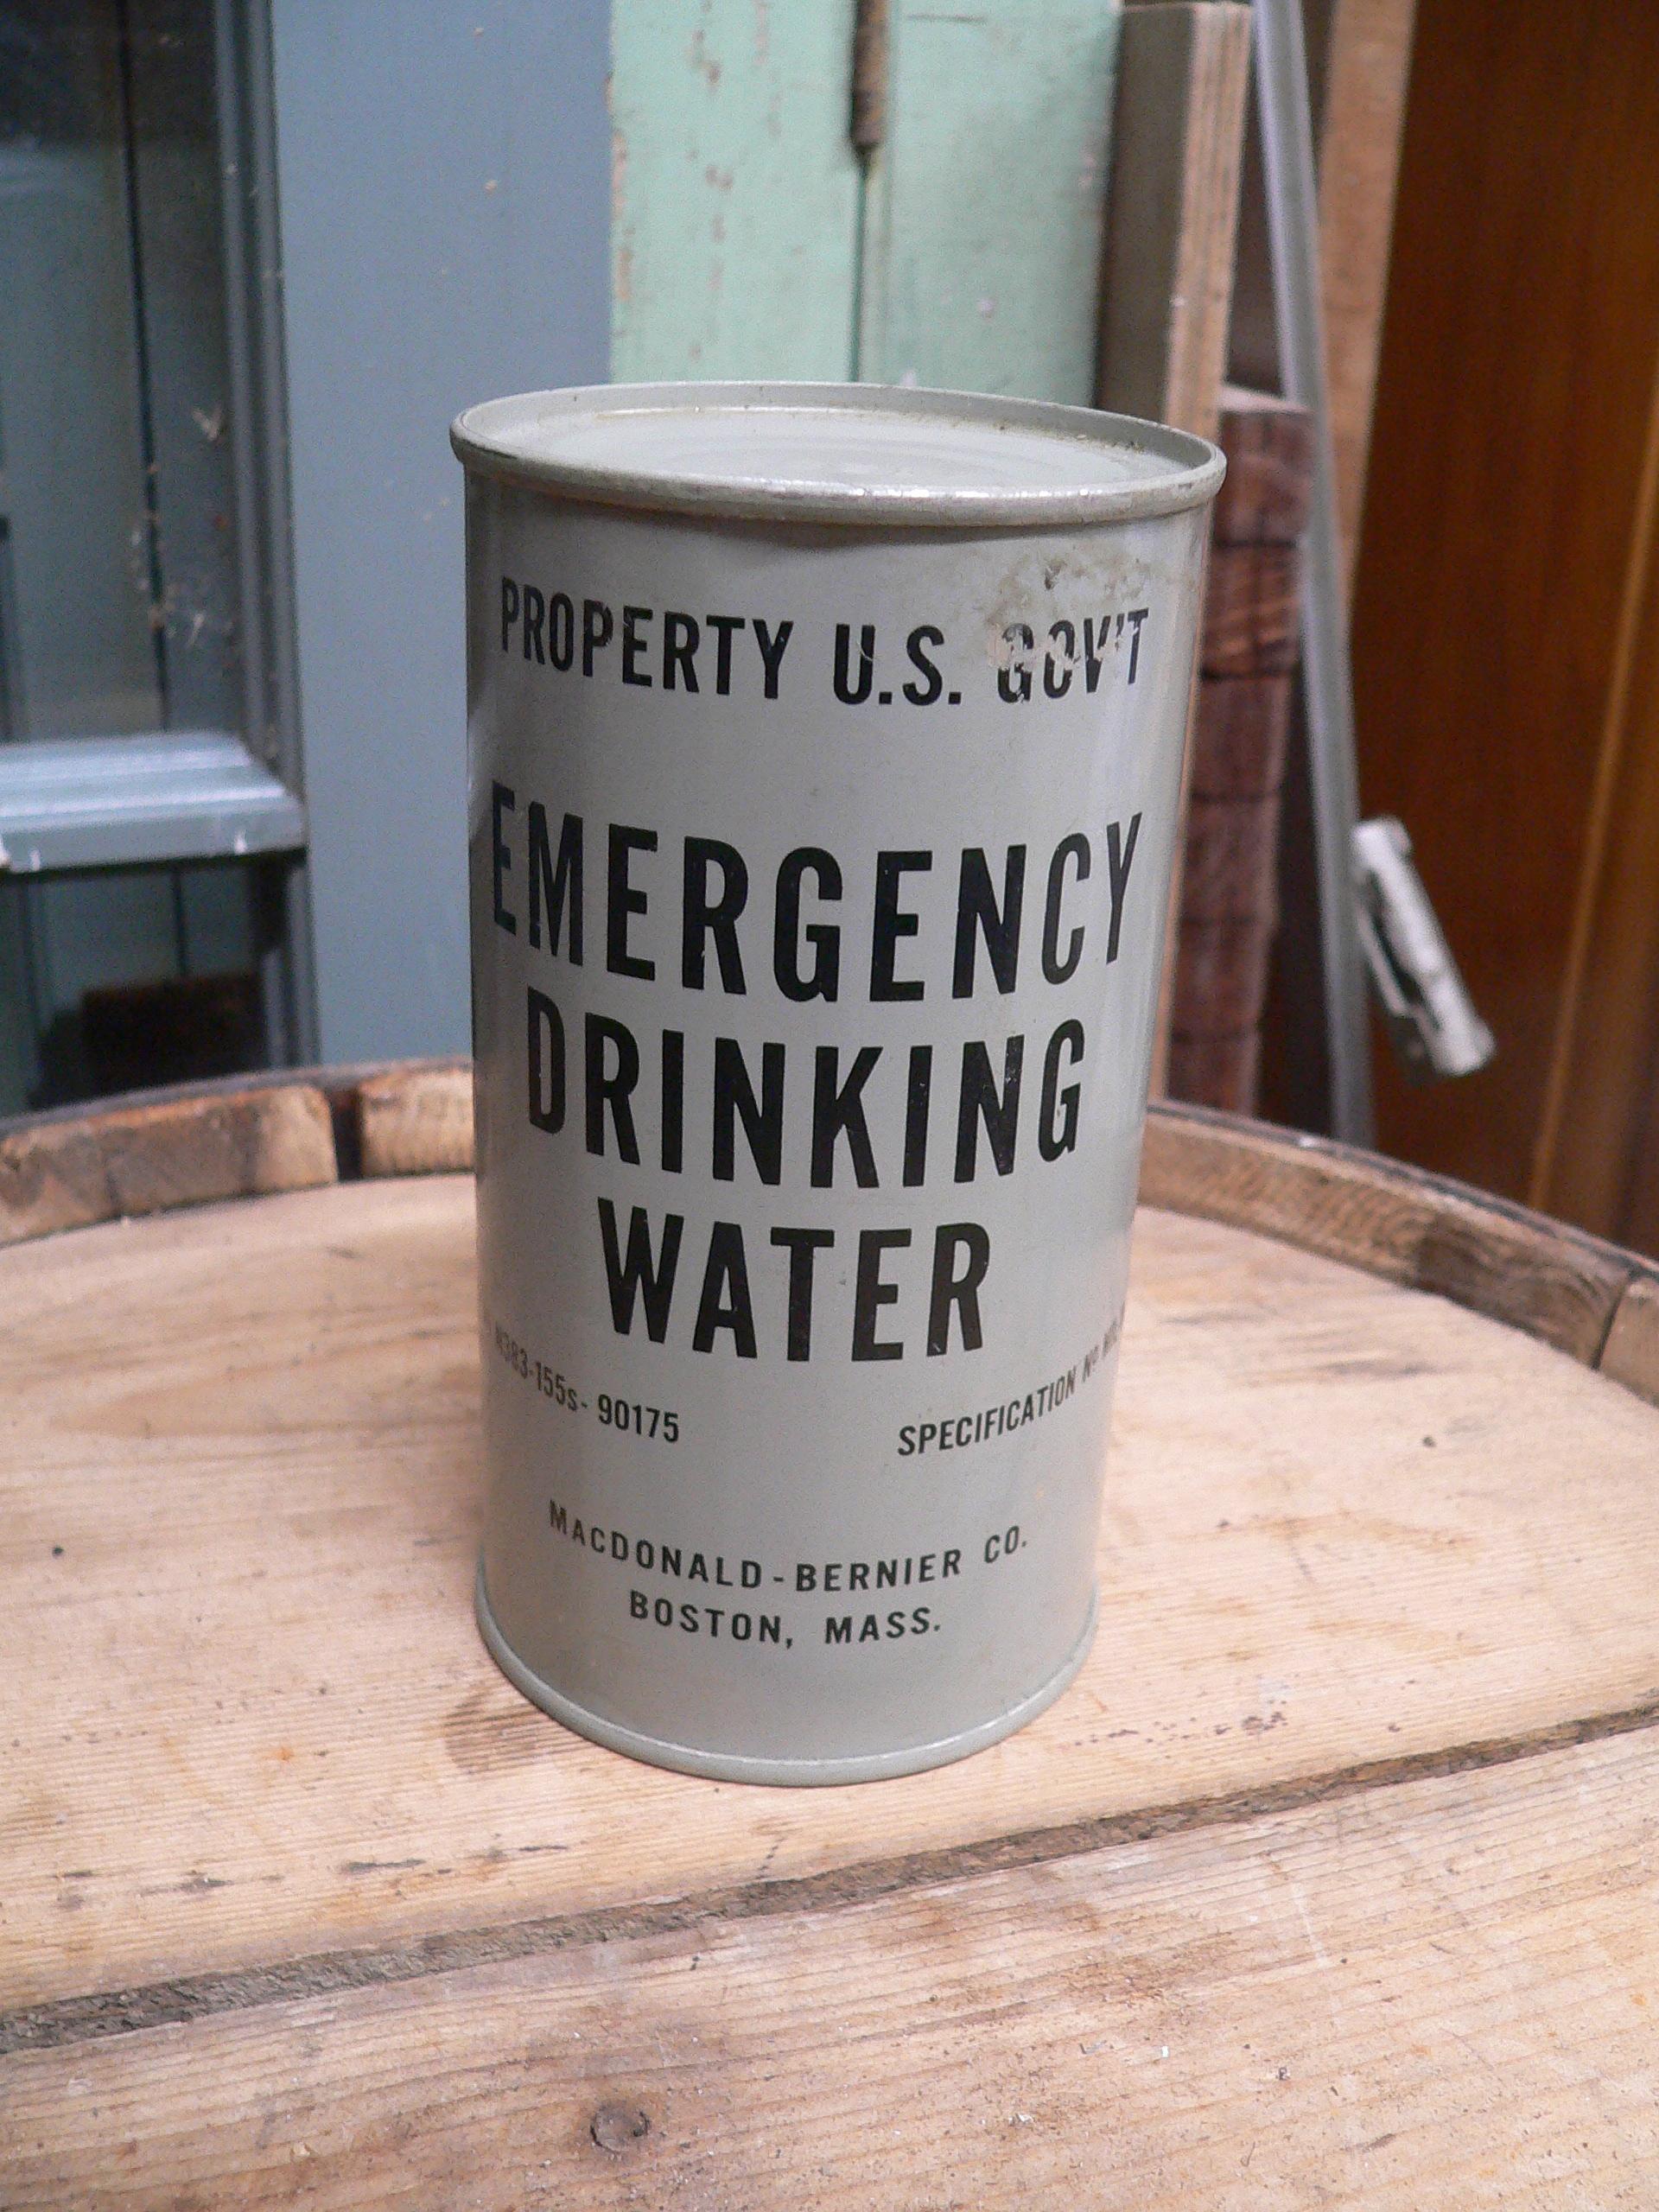 Canne antique pleine emergency drinking water # 6896